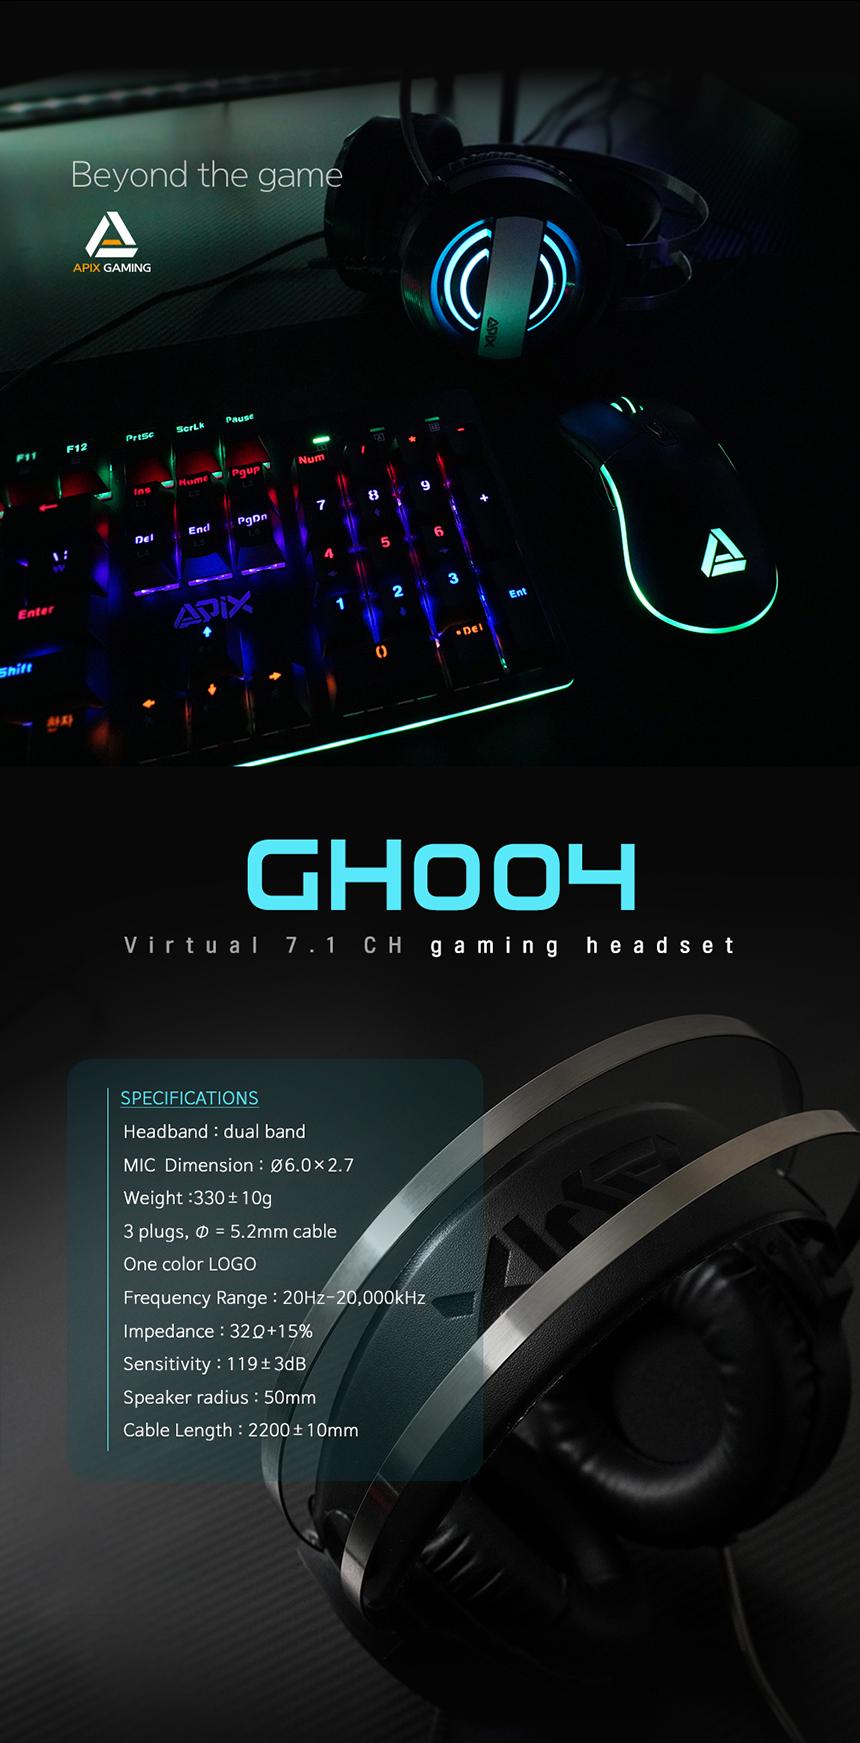 에이픽스 게이밍 헤드셋 gh004